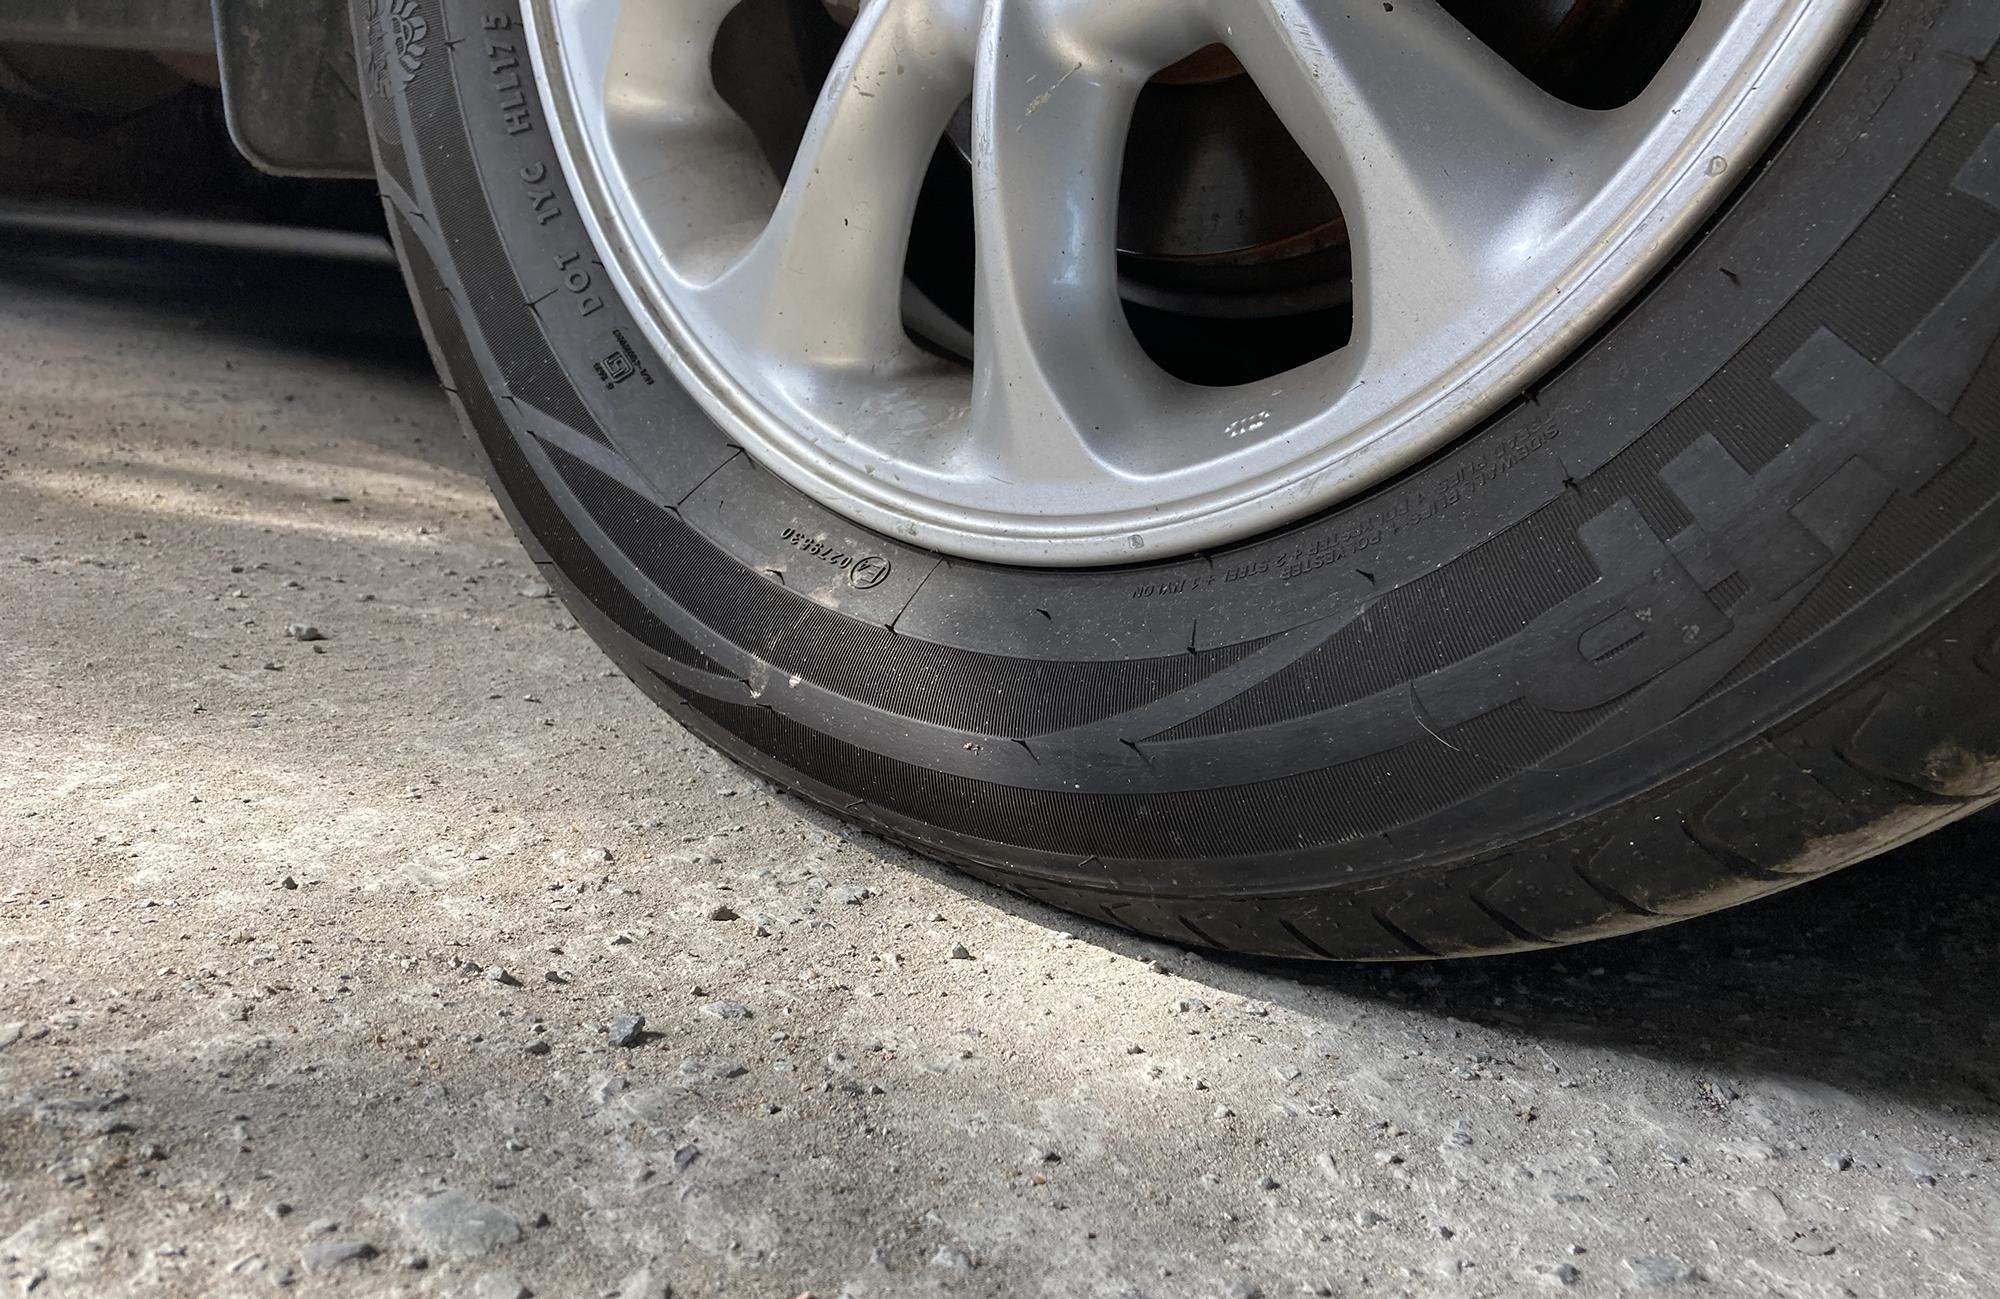 Điểm tiếp xúc giữa lốp và mặt đường lâu ngày có thể bị biến dạng.